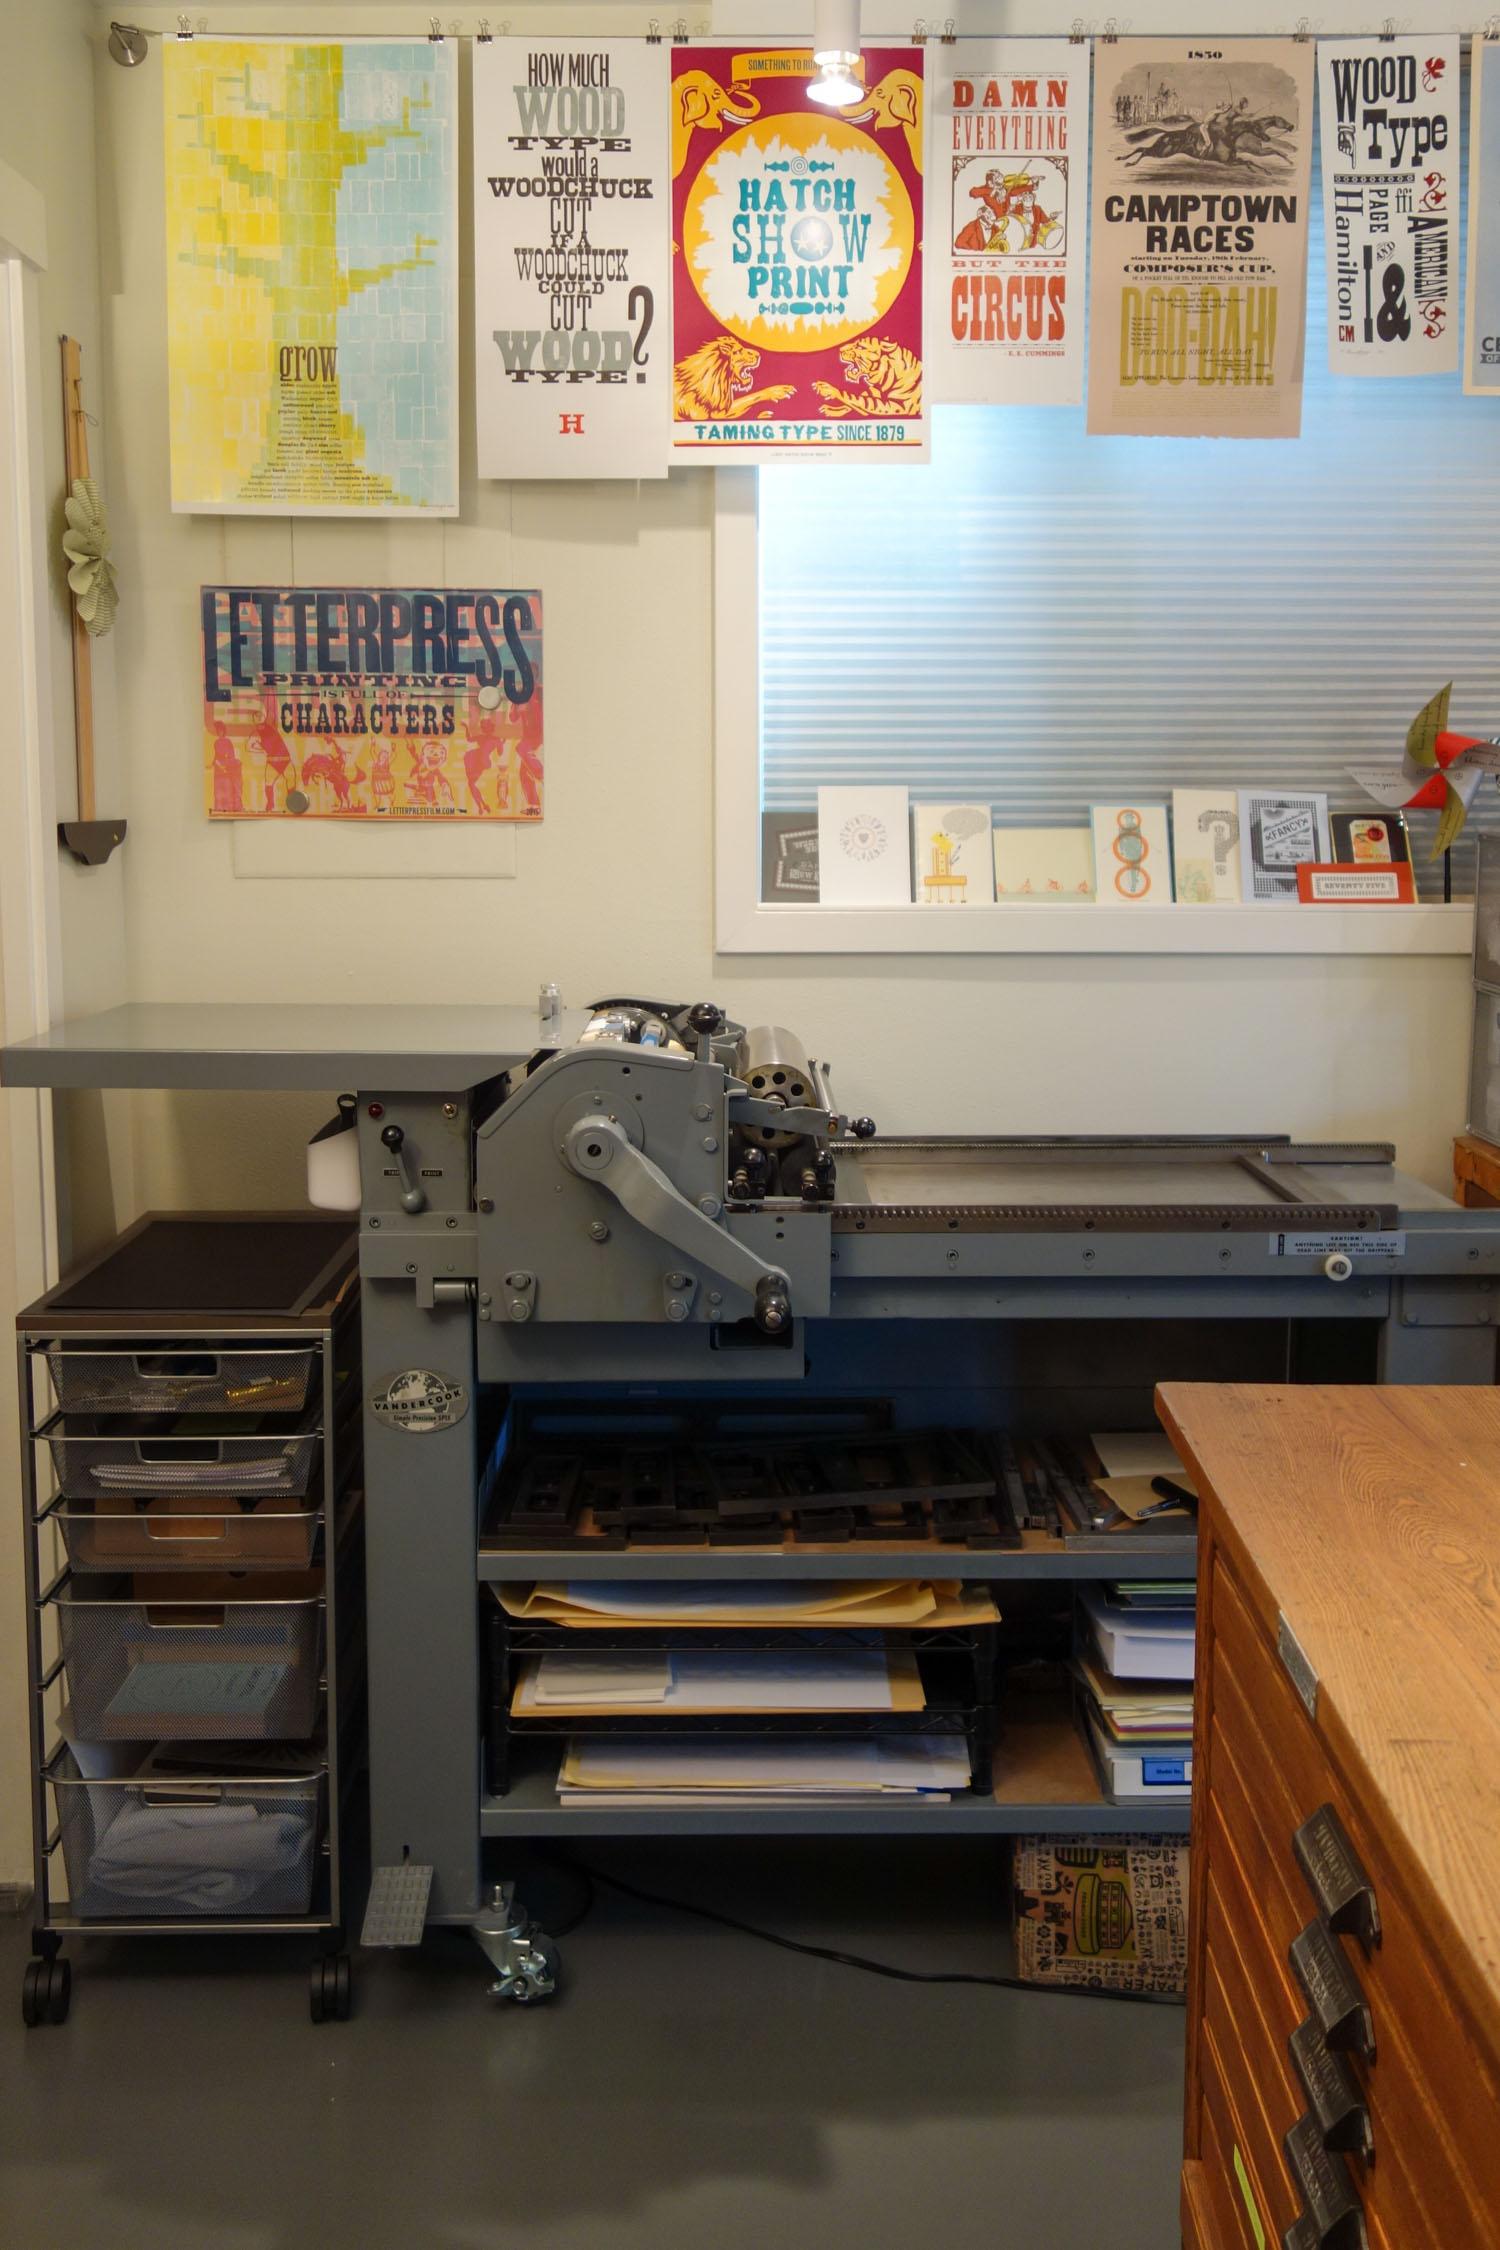 Vandercook SP-15 cylinder printing press